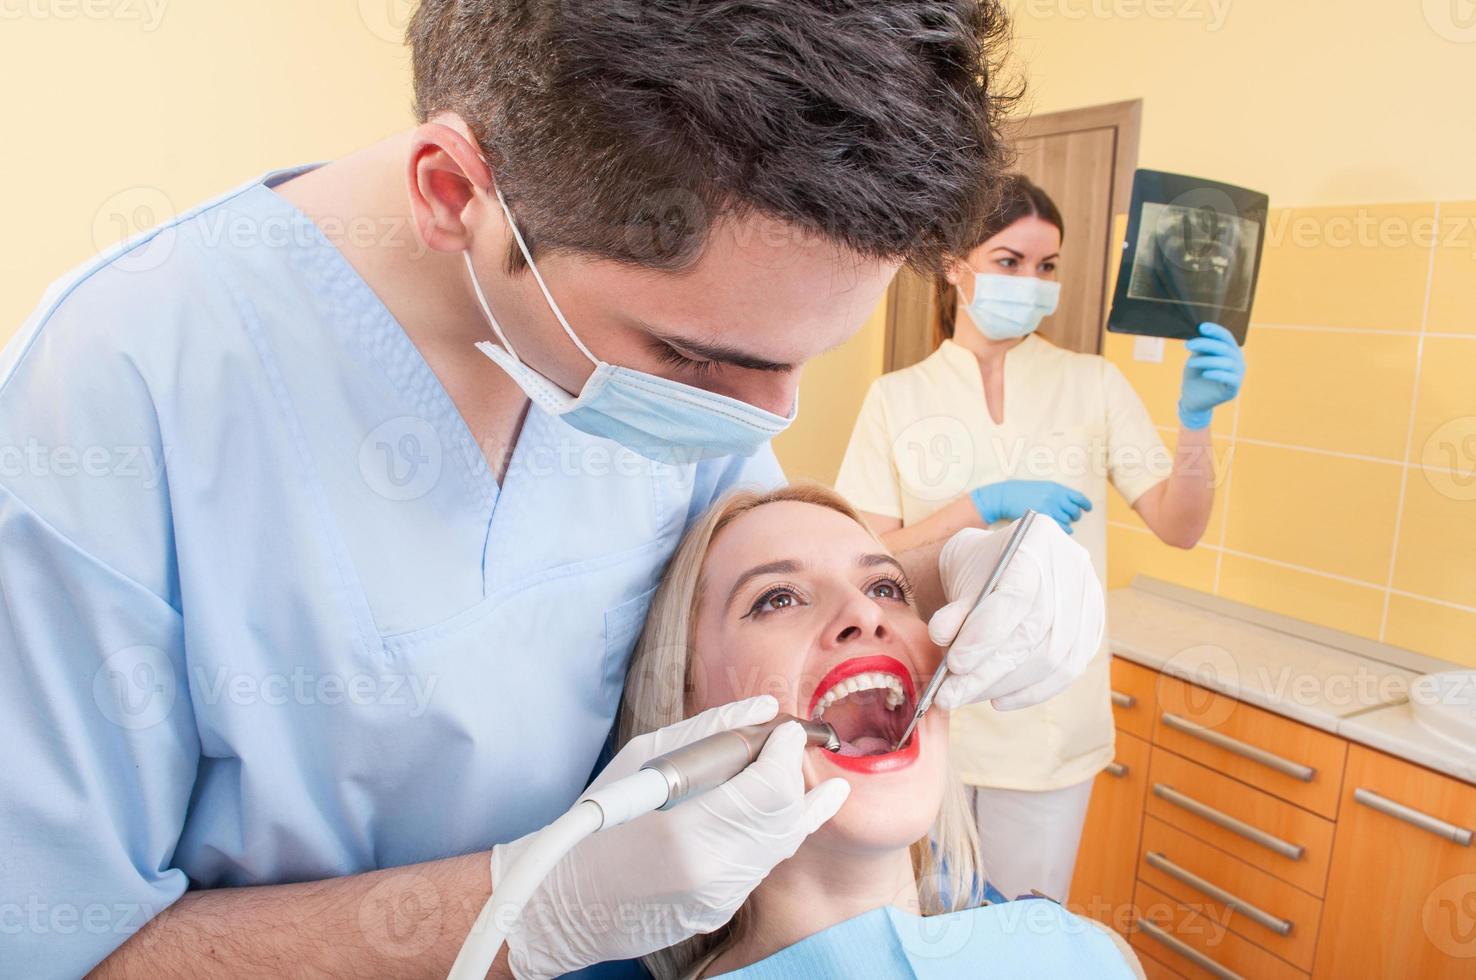 squadra dentale al lavoro foto